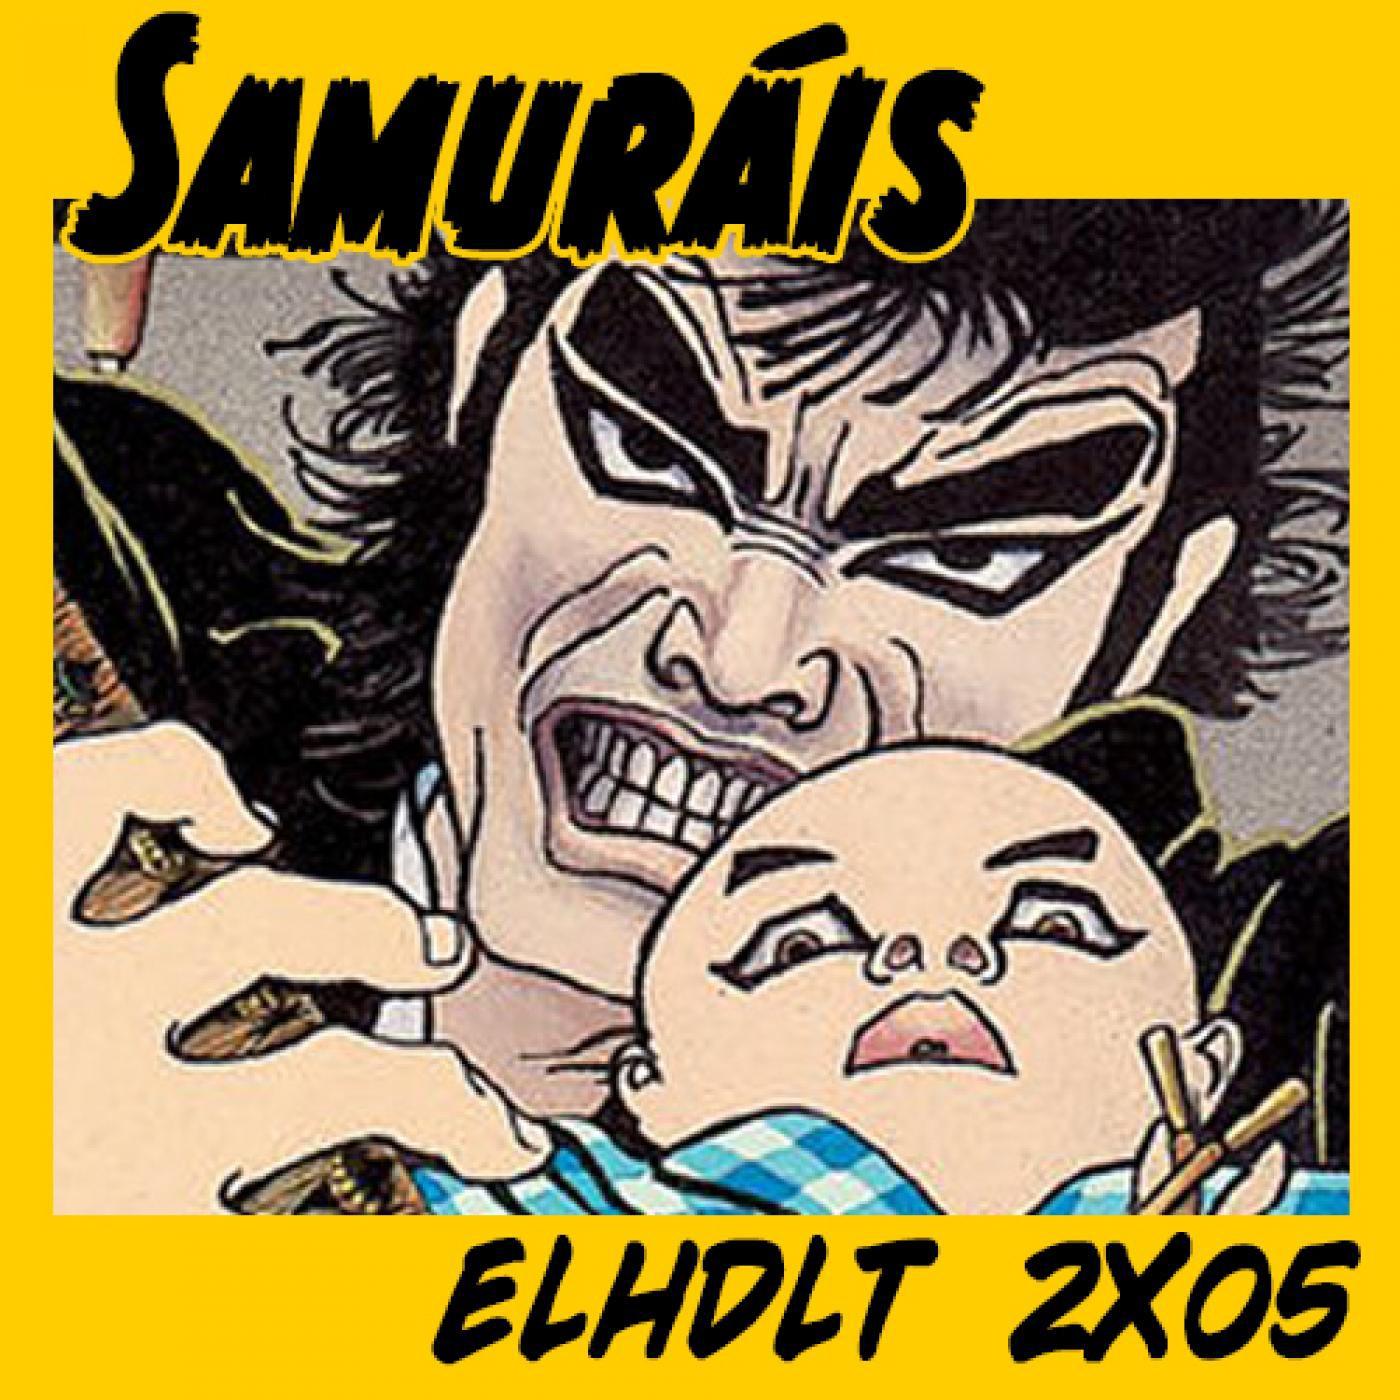 [ELHDLT] 2x05 Especial Samuráis